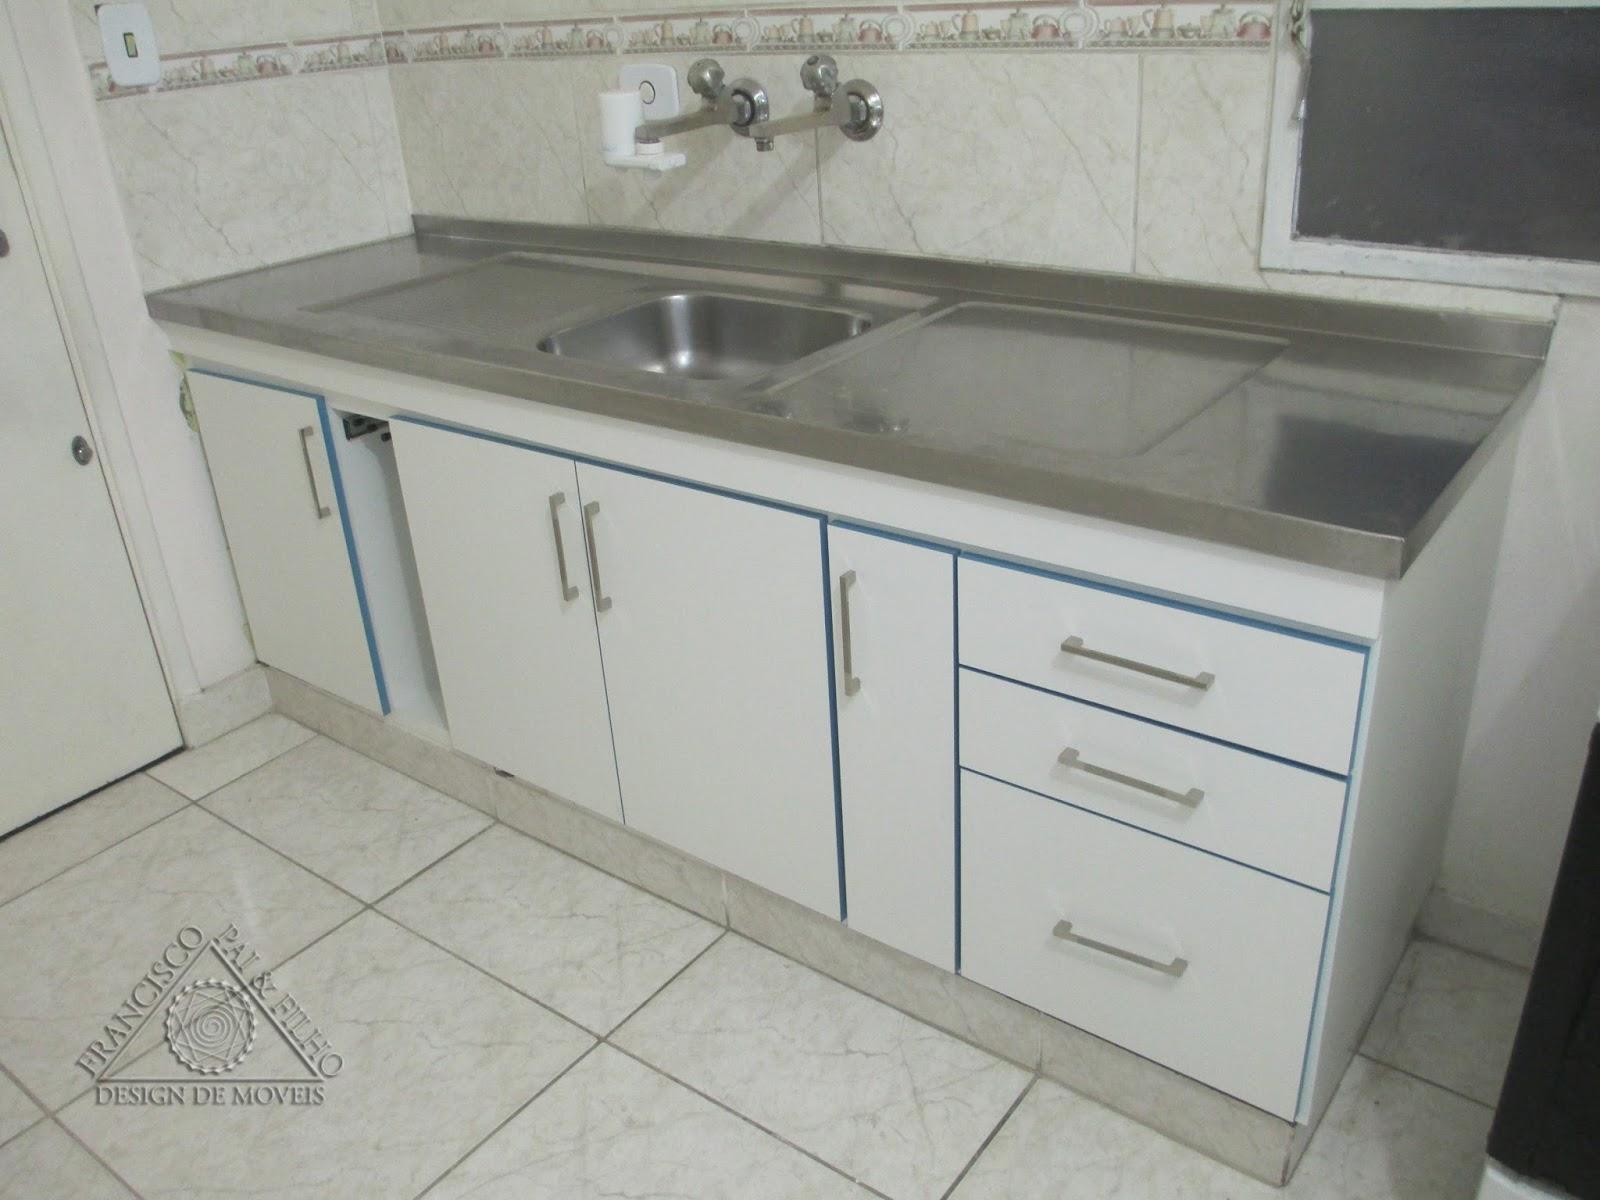 Francisco Pai & Filho Gabinete de Pia para base de Alvenaria com Detalhes -> Como Fazer Pia De Banheiro De Alvenaria